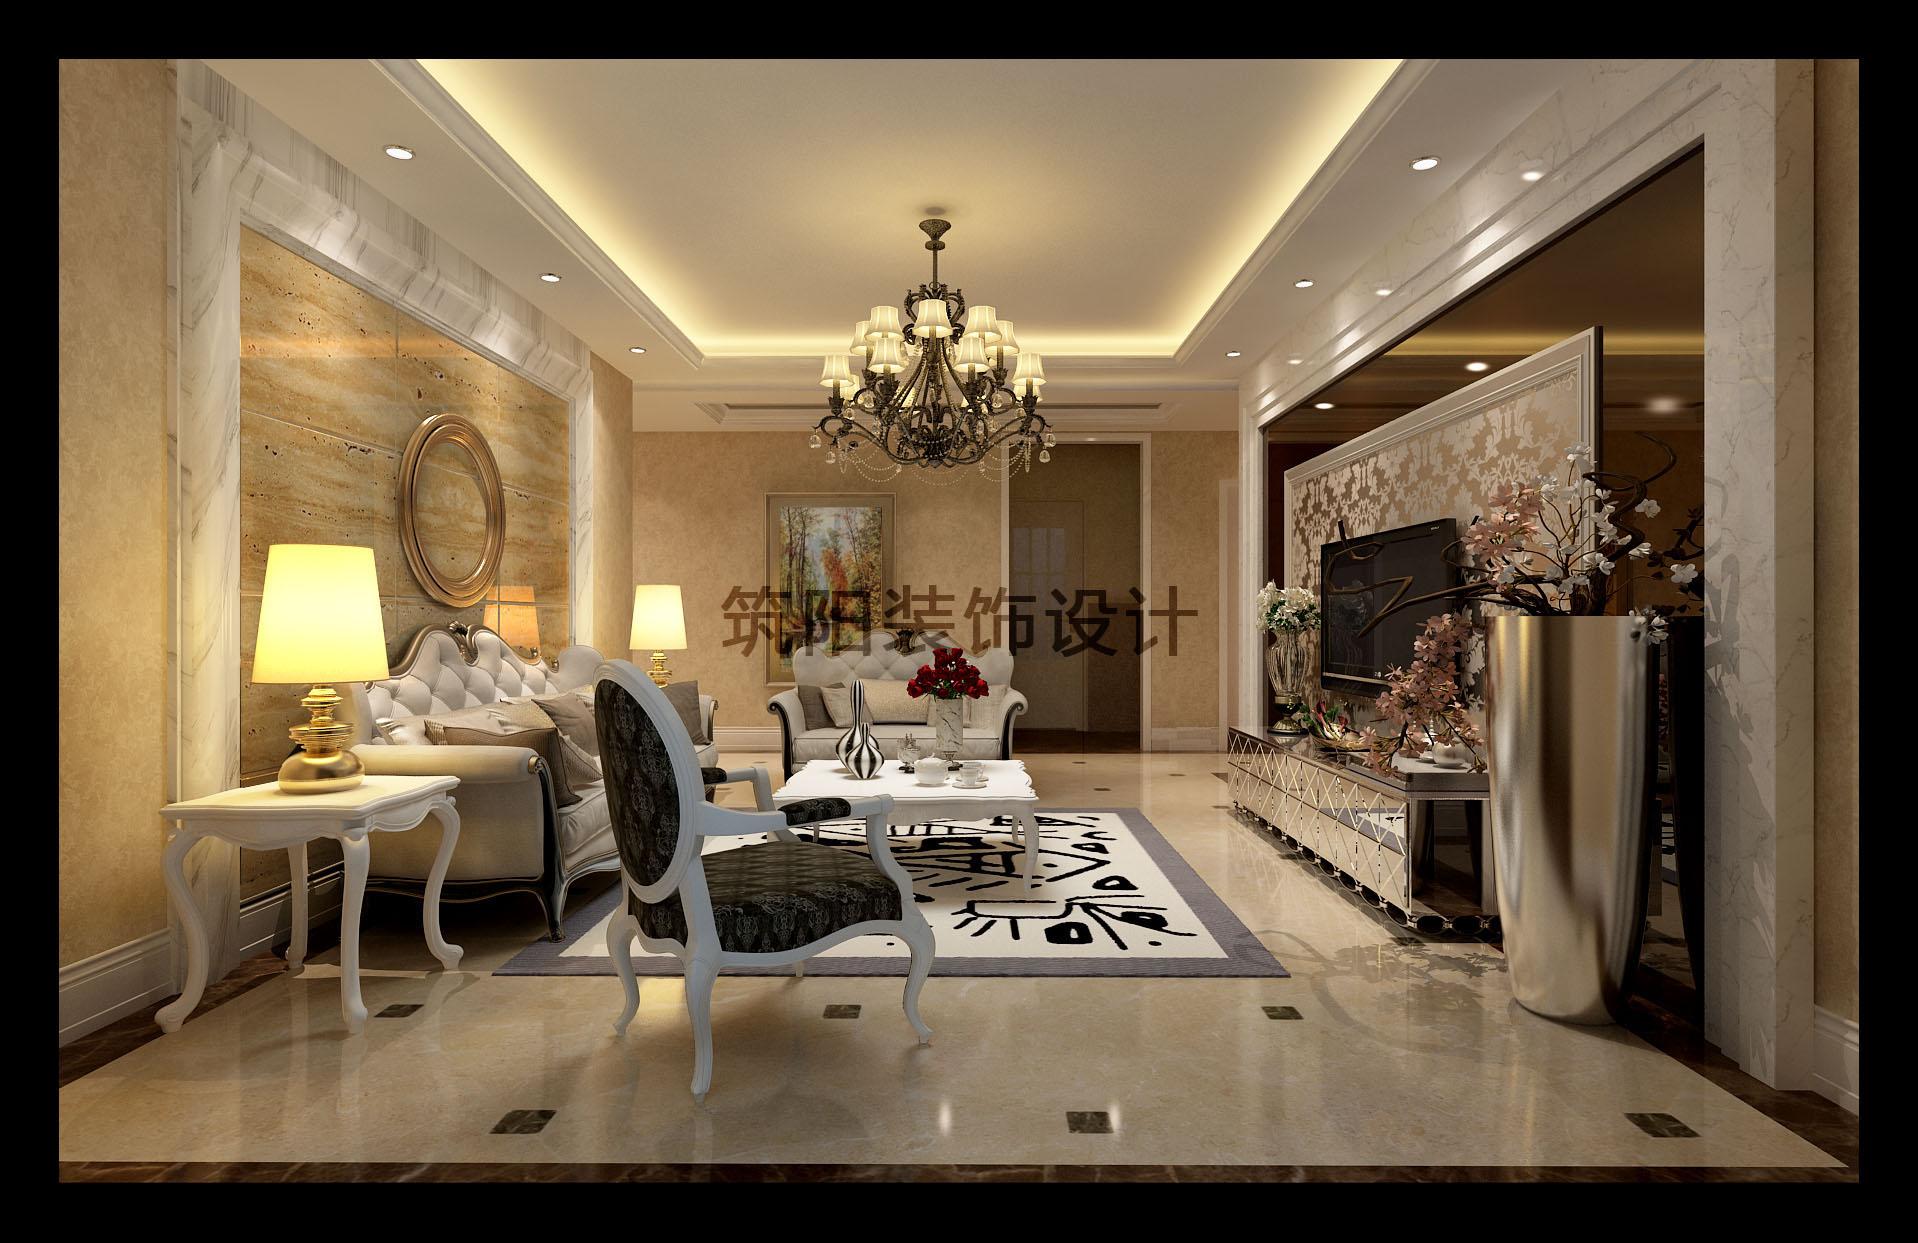 欧式家装_筑阳装饰设计工作室